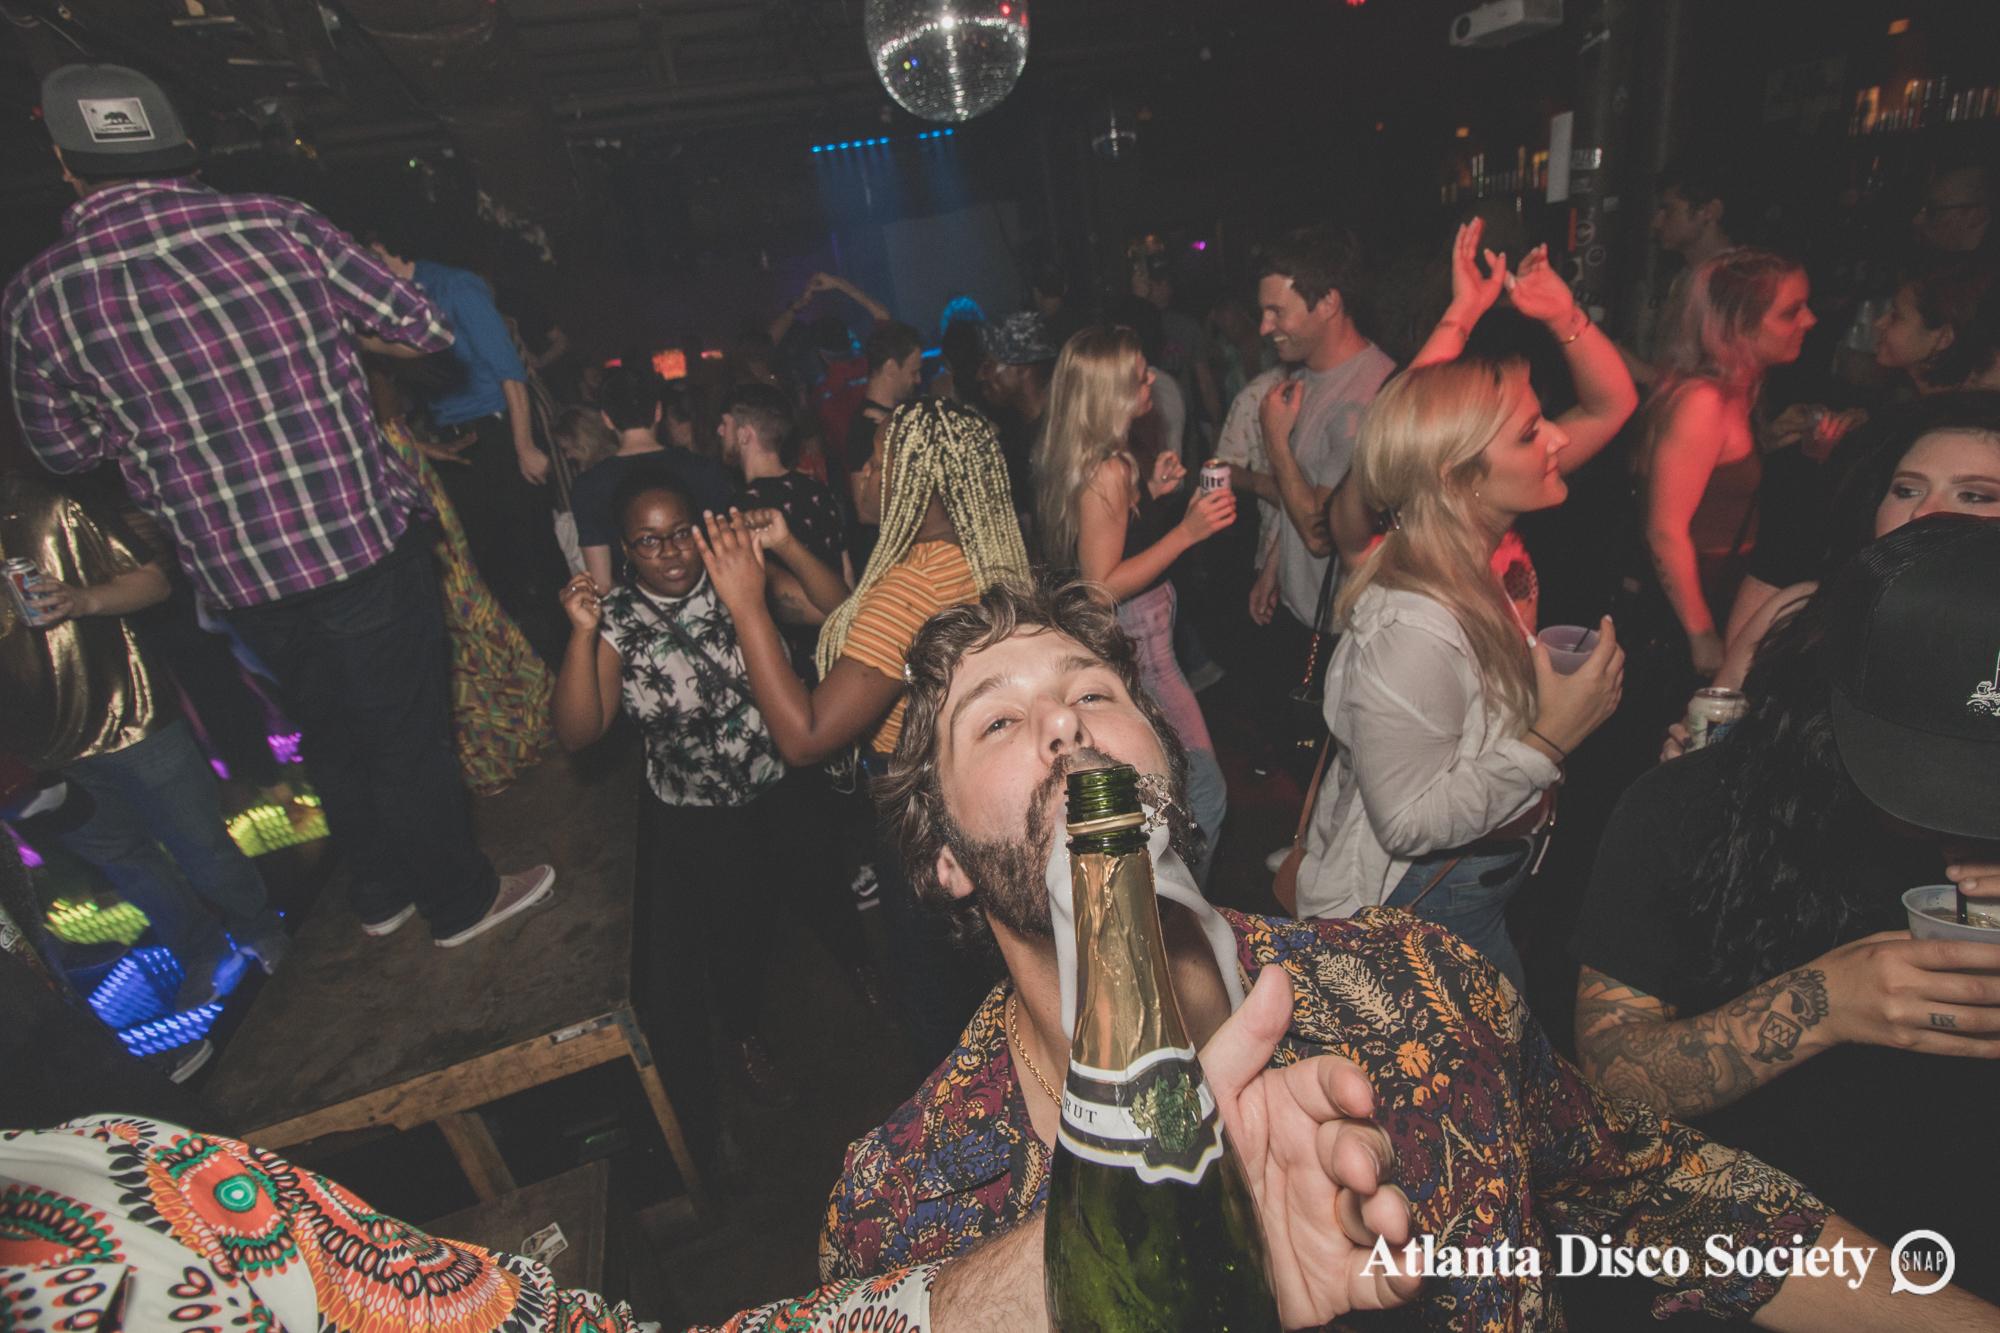 47Atlanta Disco Society Grace Kelly Oh Snap Kid 7.27.19.jpg